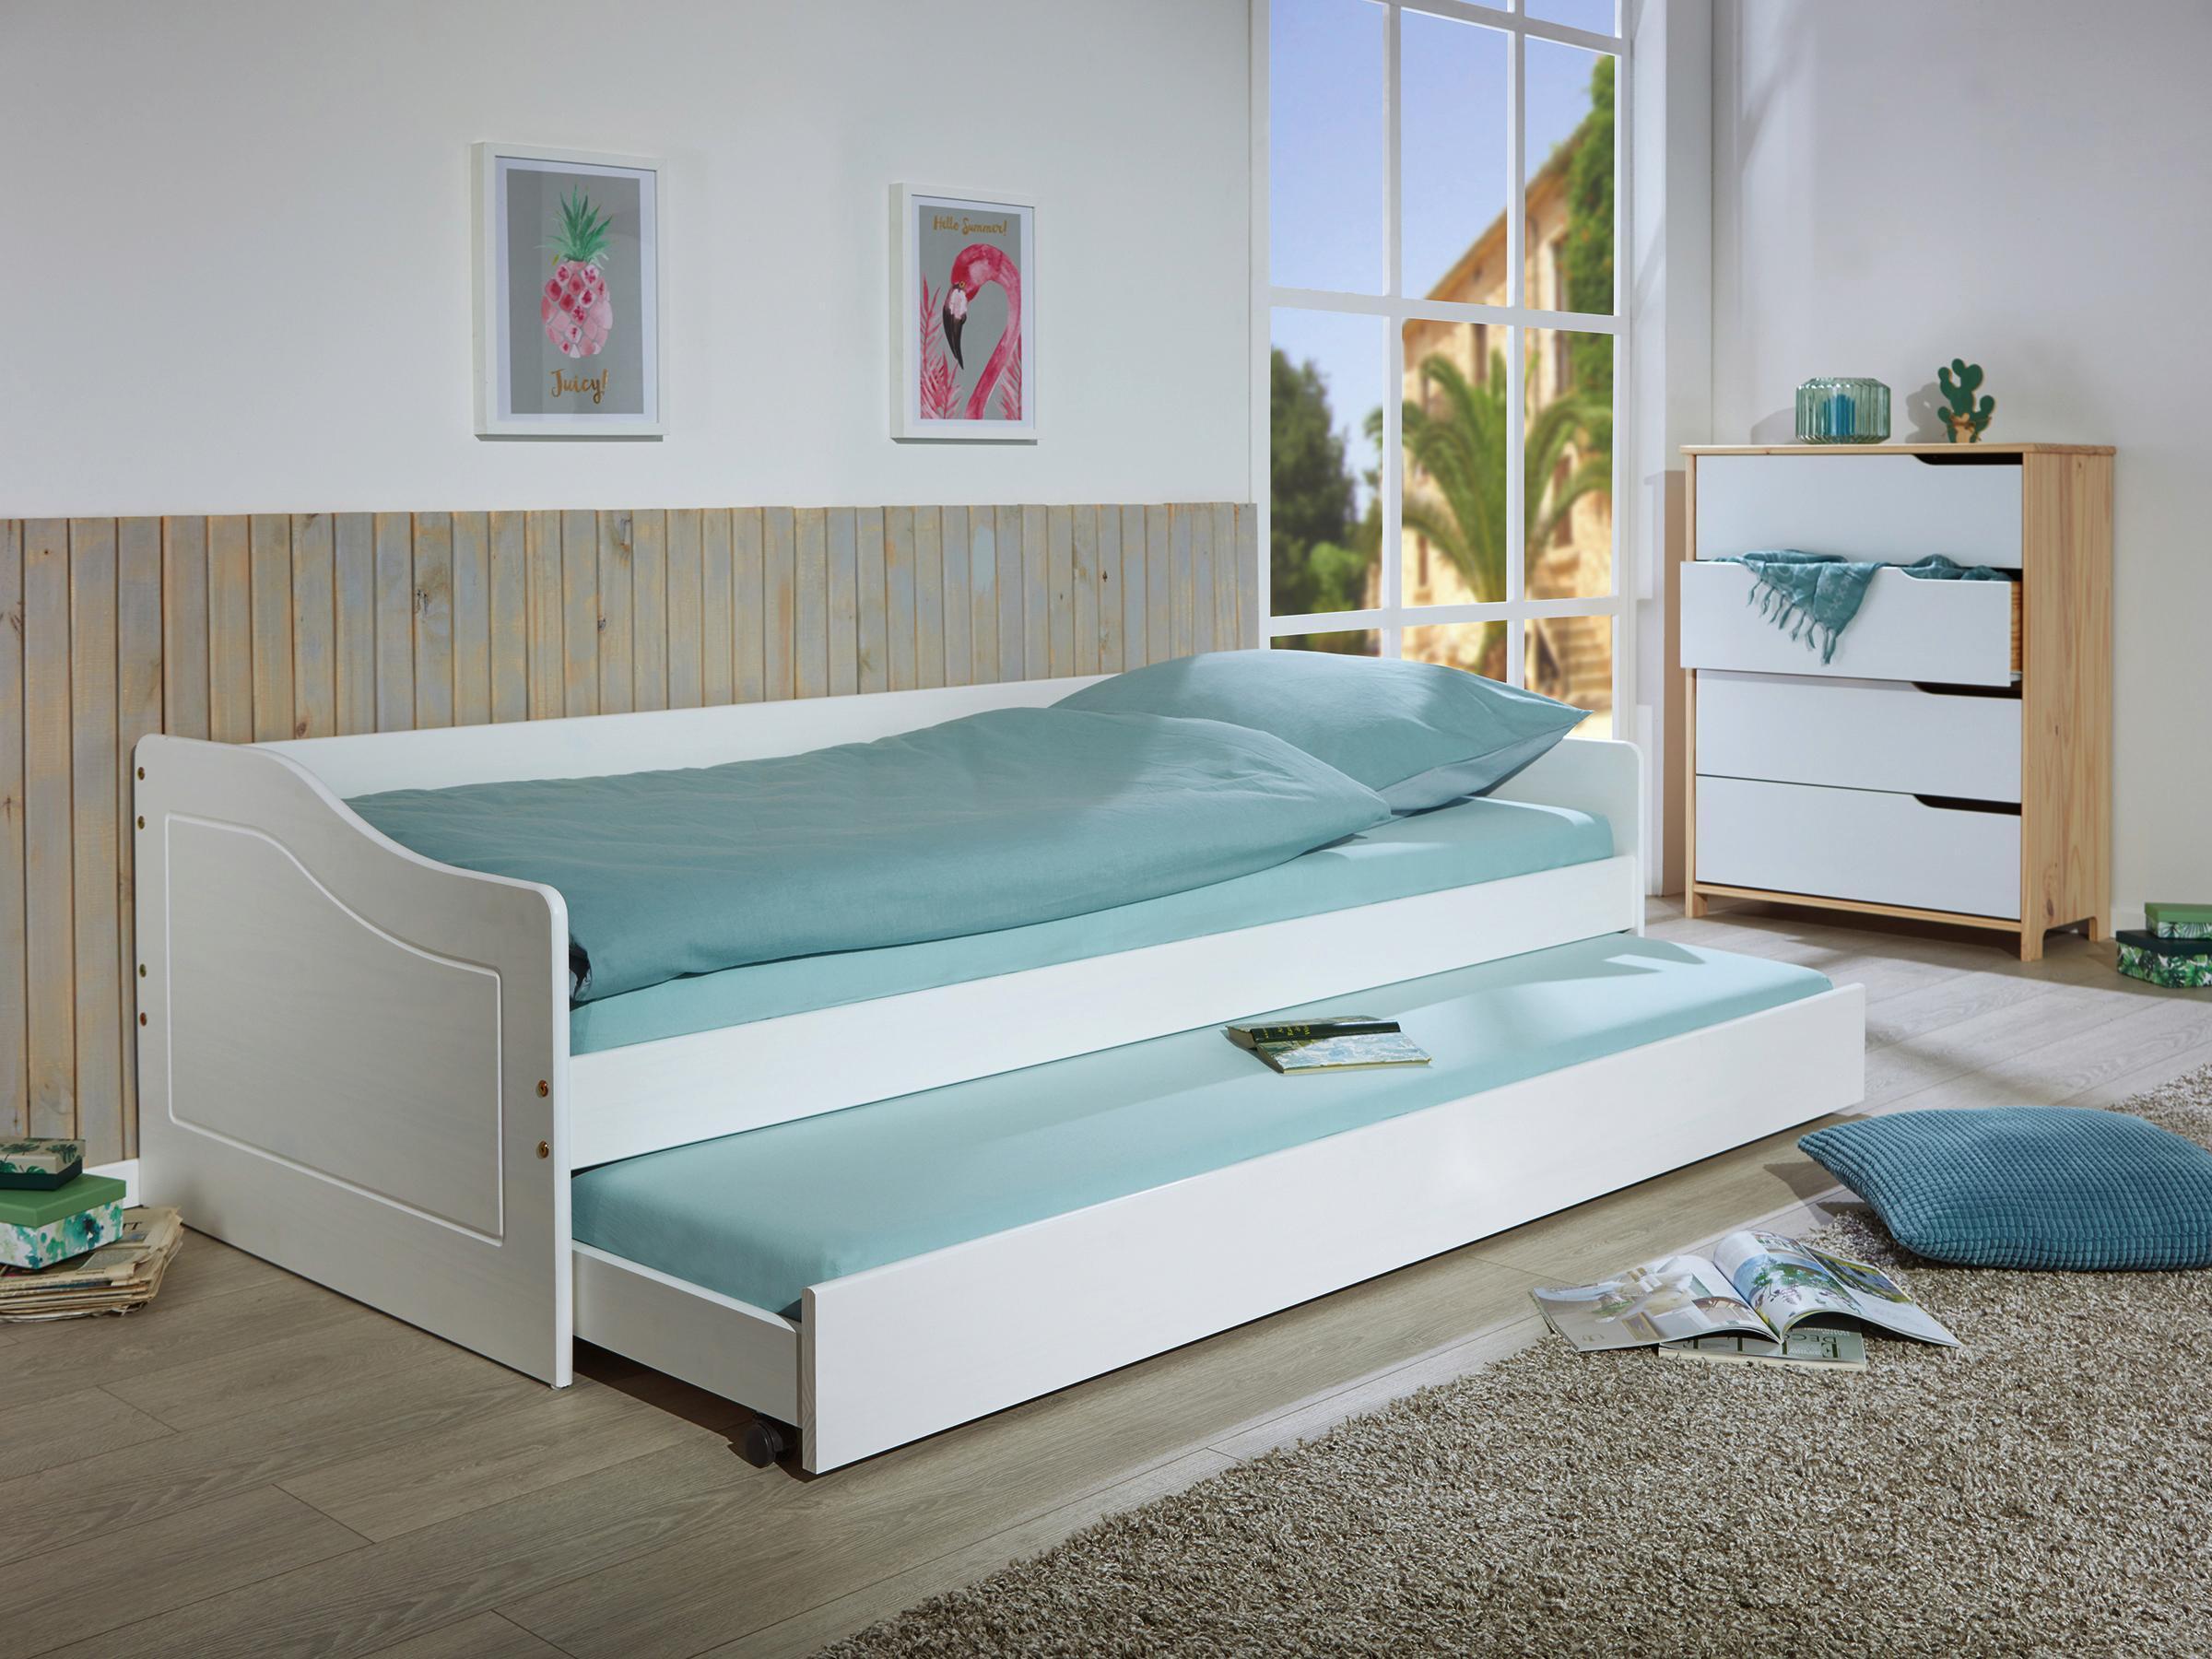 Etagenbett Drei Schlafplätzen : Kinderbetten entdecken